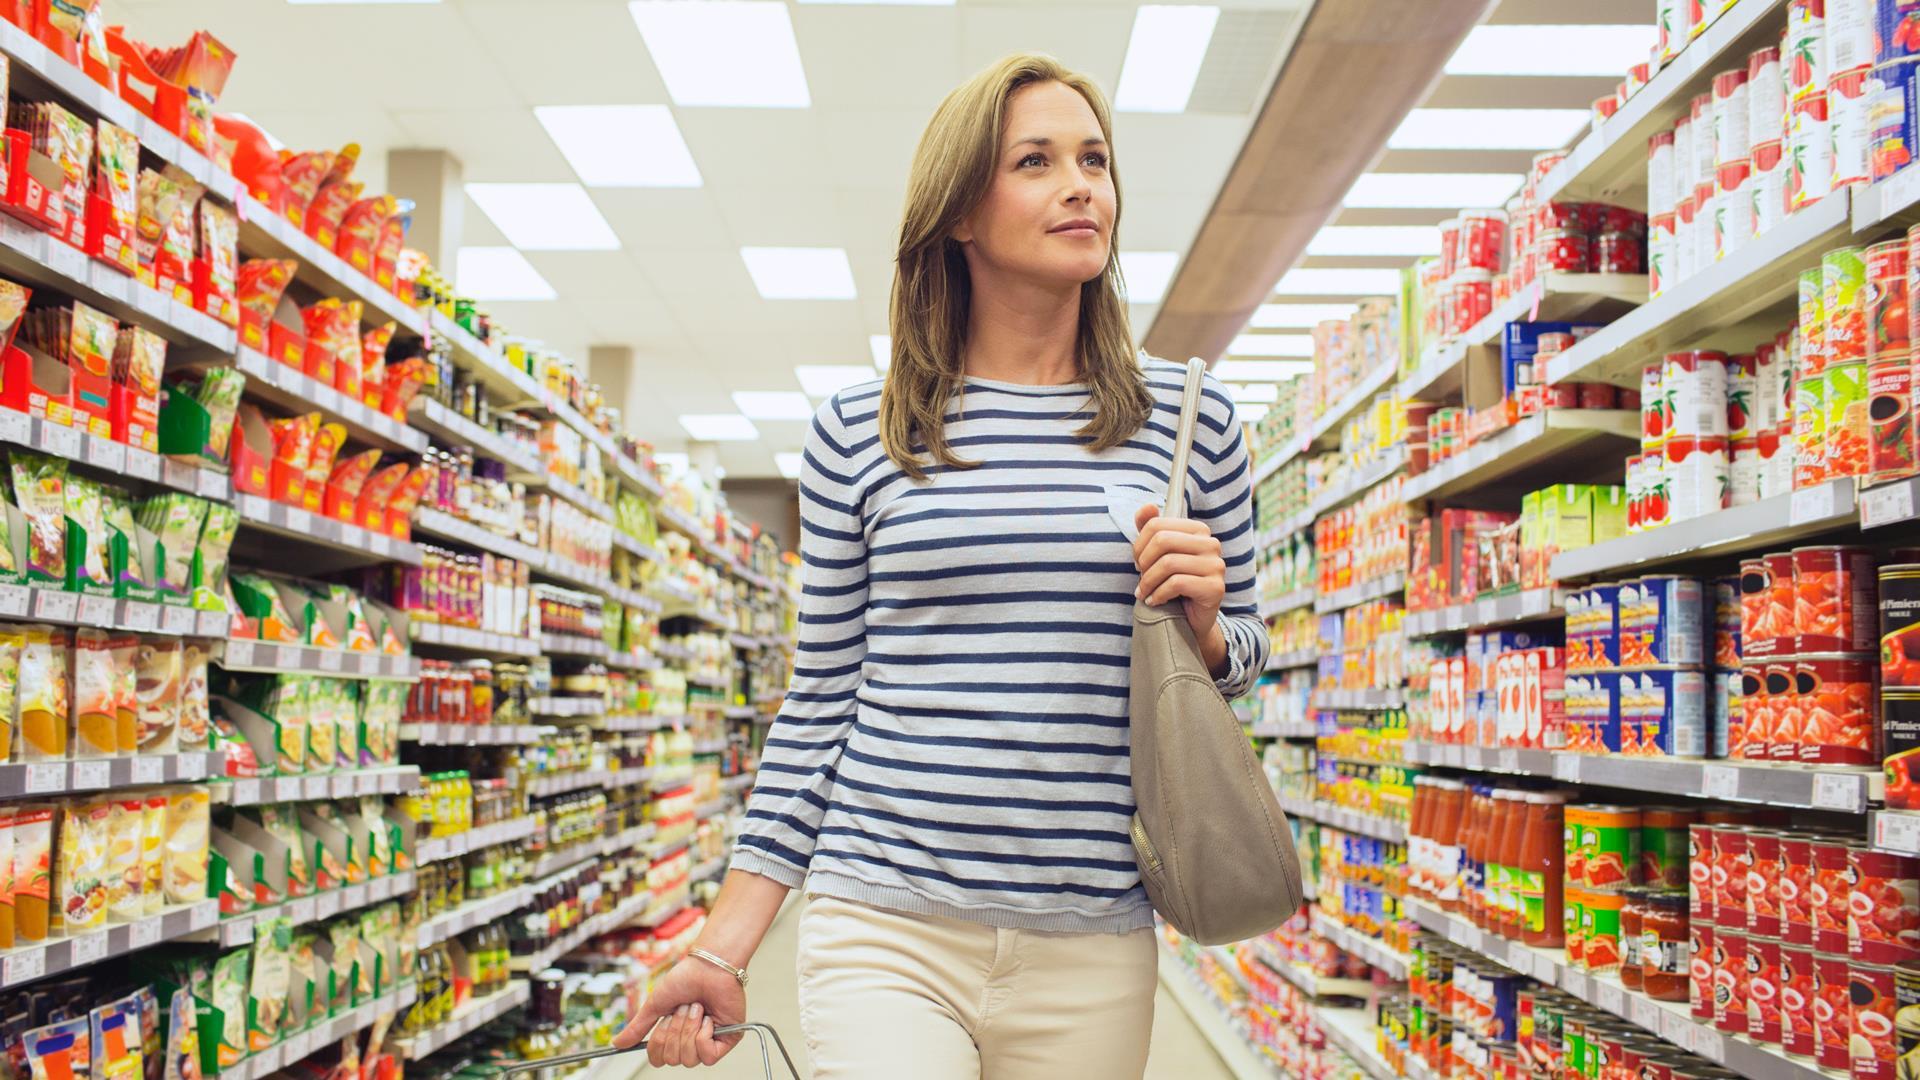 mercantis e supermercados softkore fortaleza